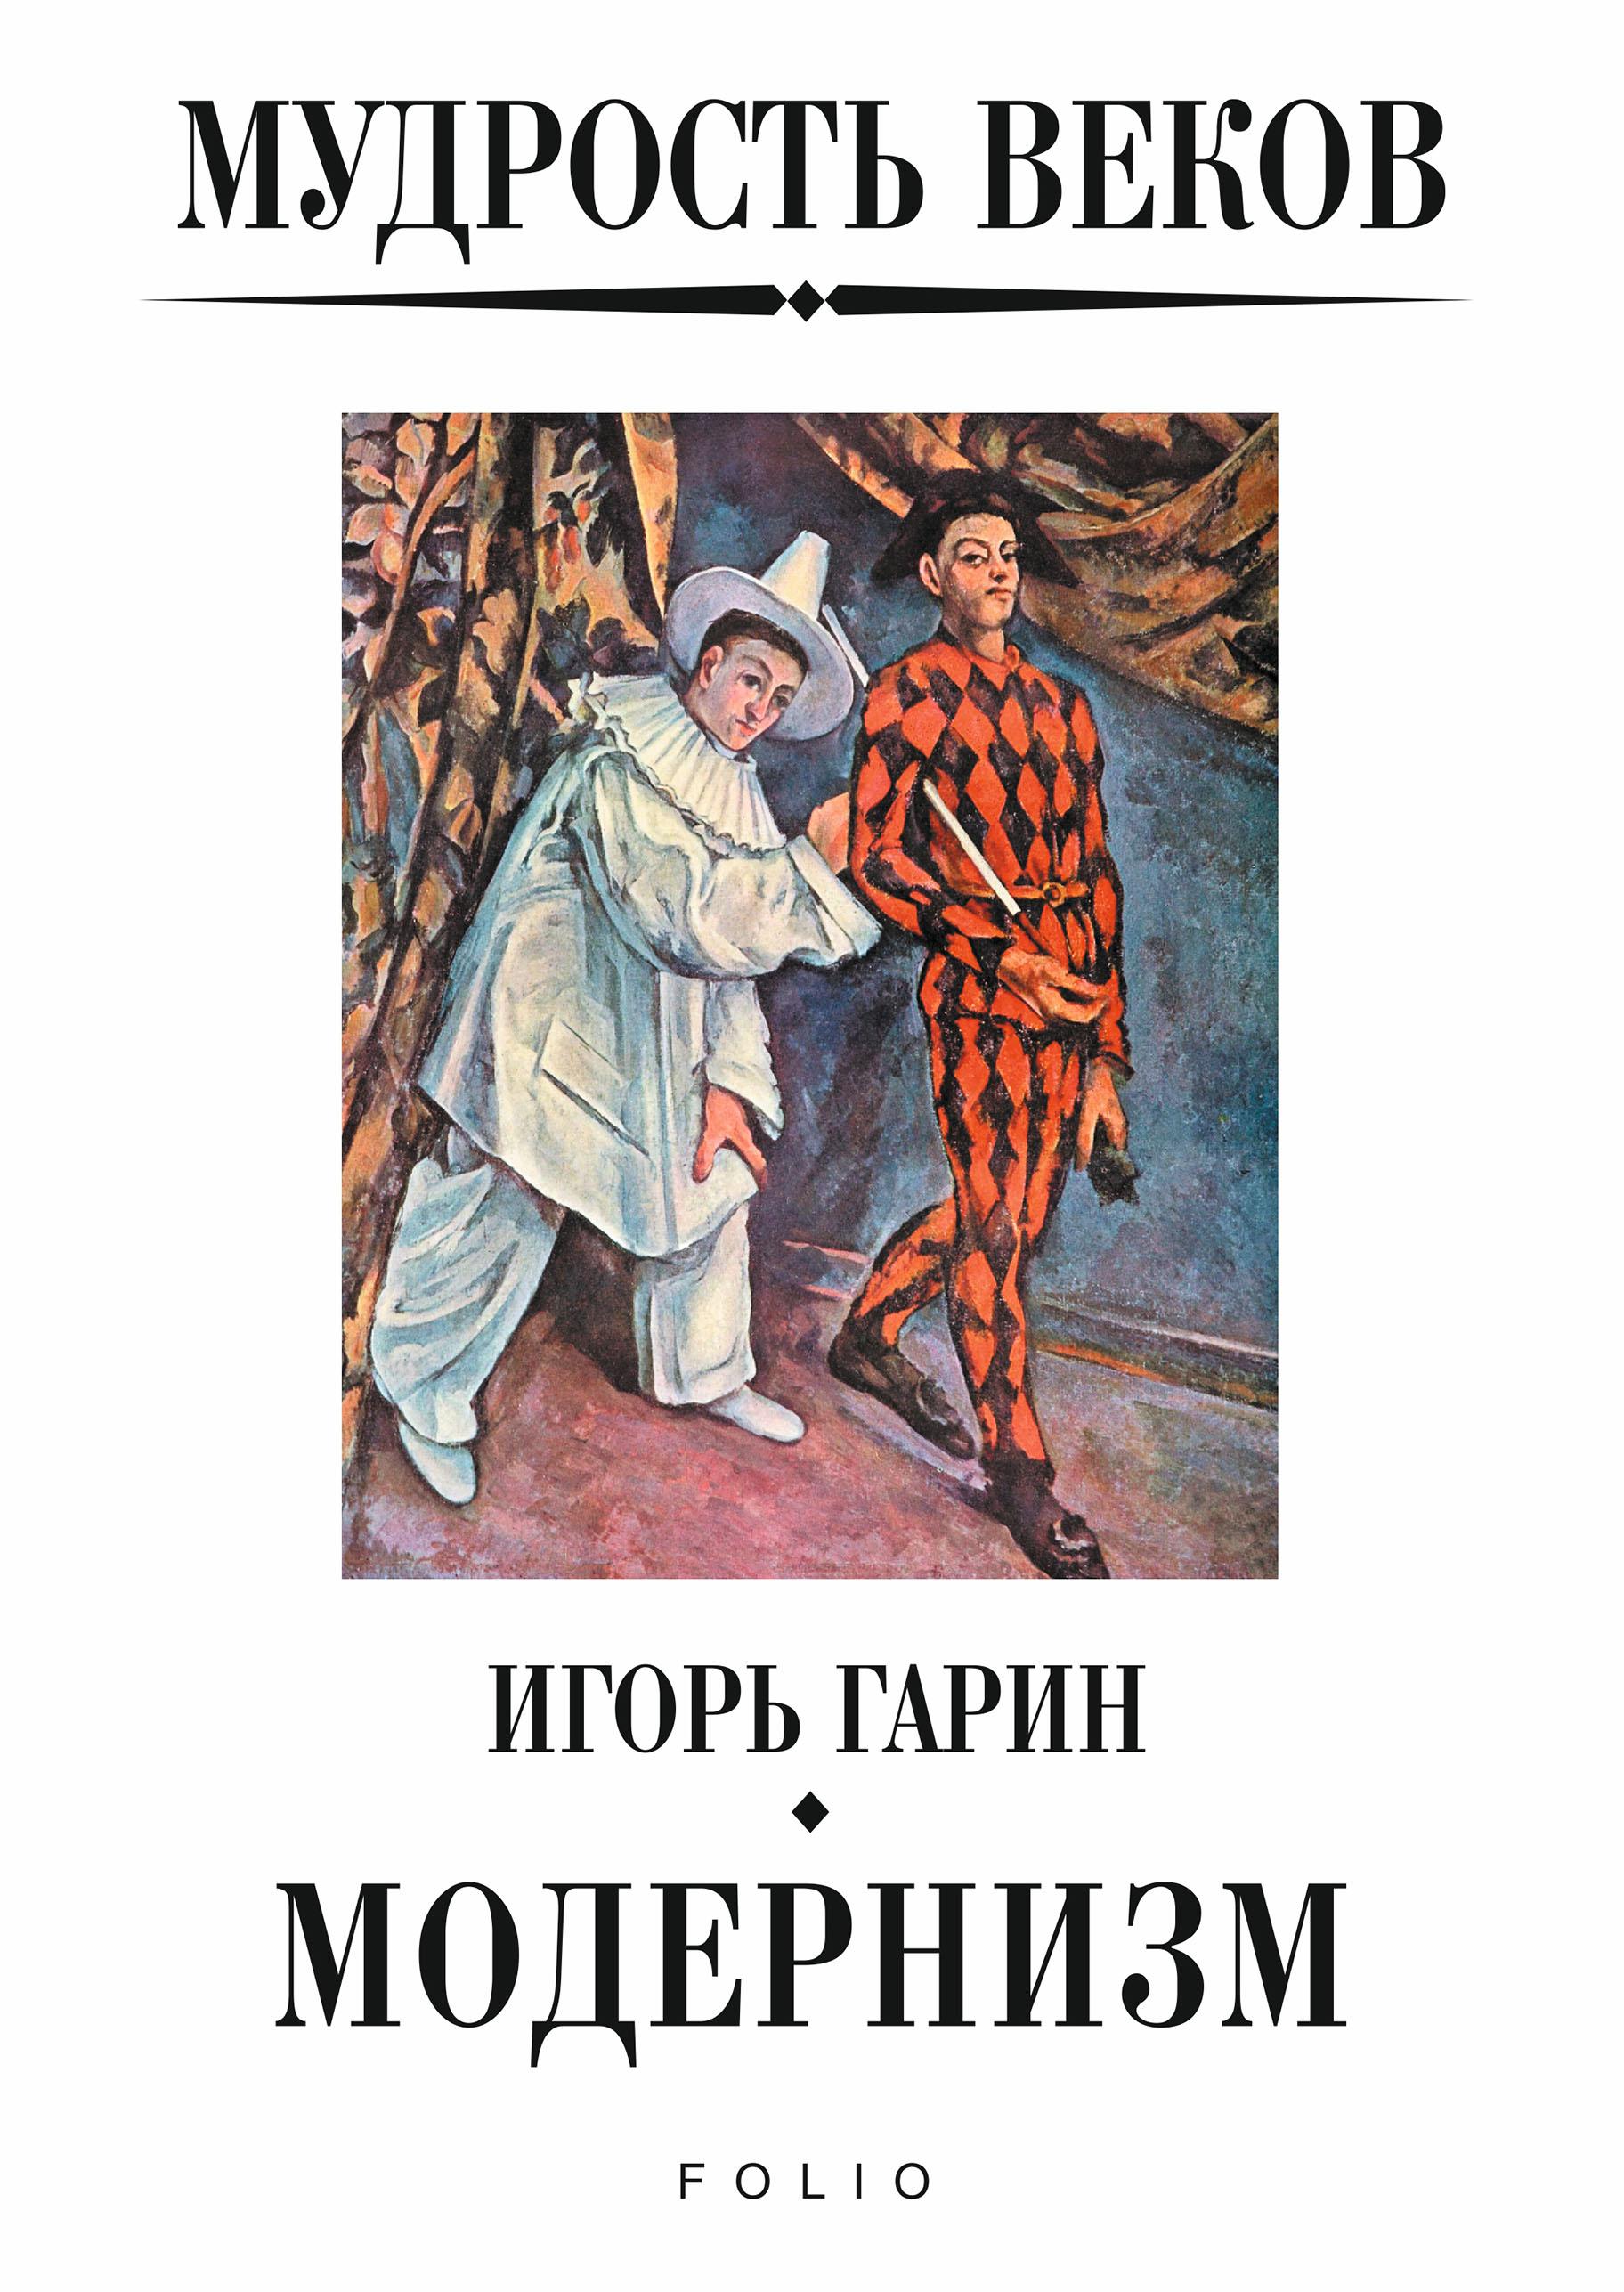 Купить книгу Мудрость веков. Модернизм, автора Игоря Гарина